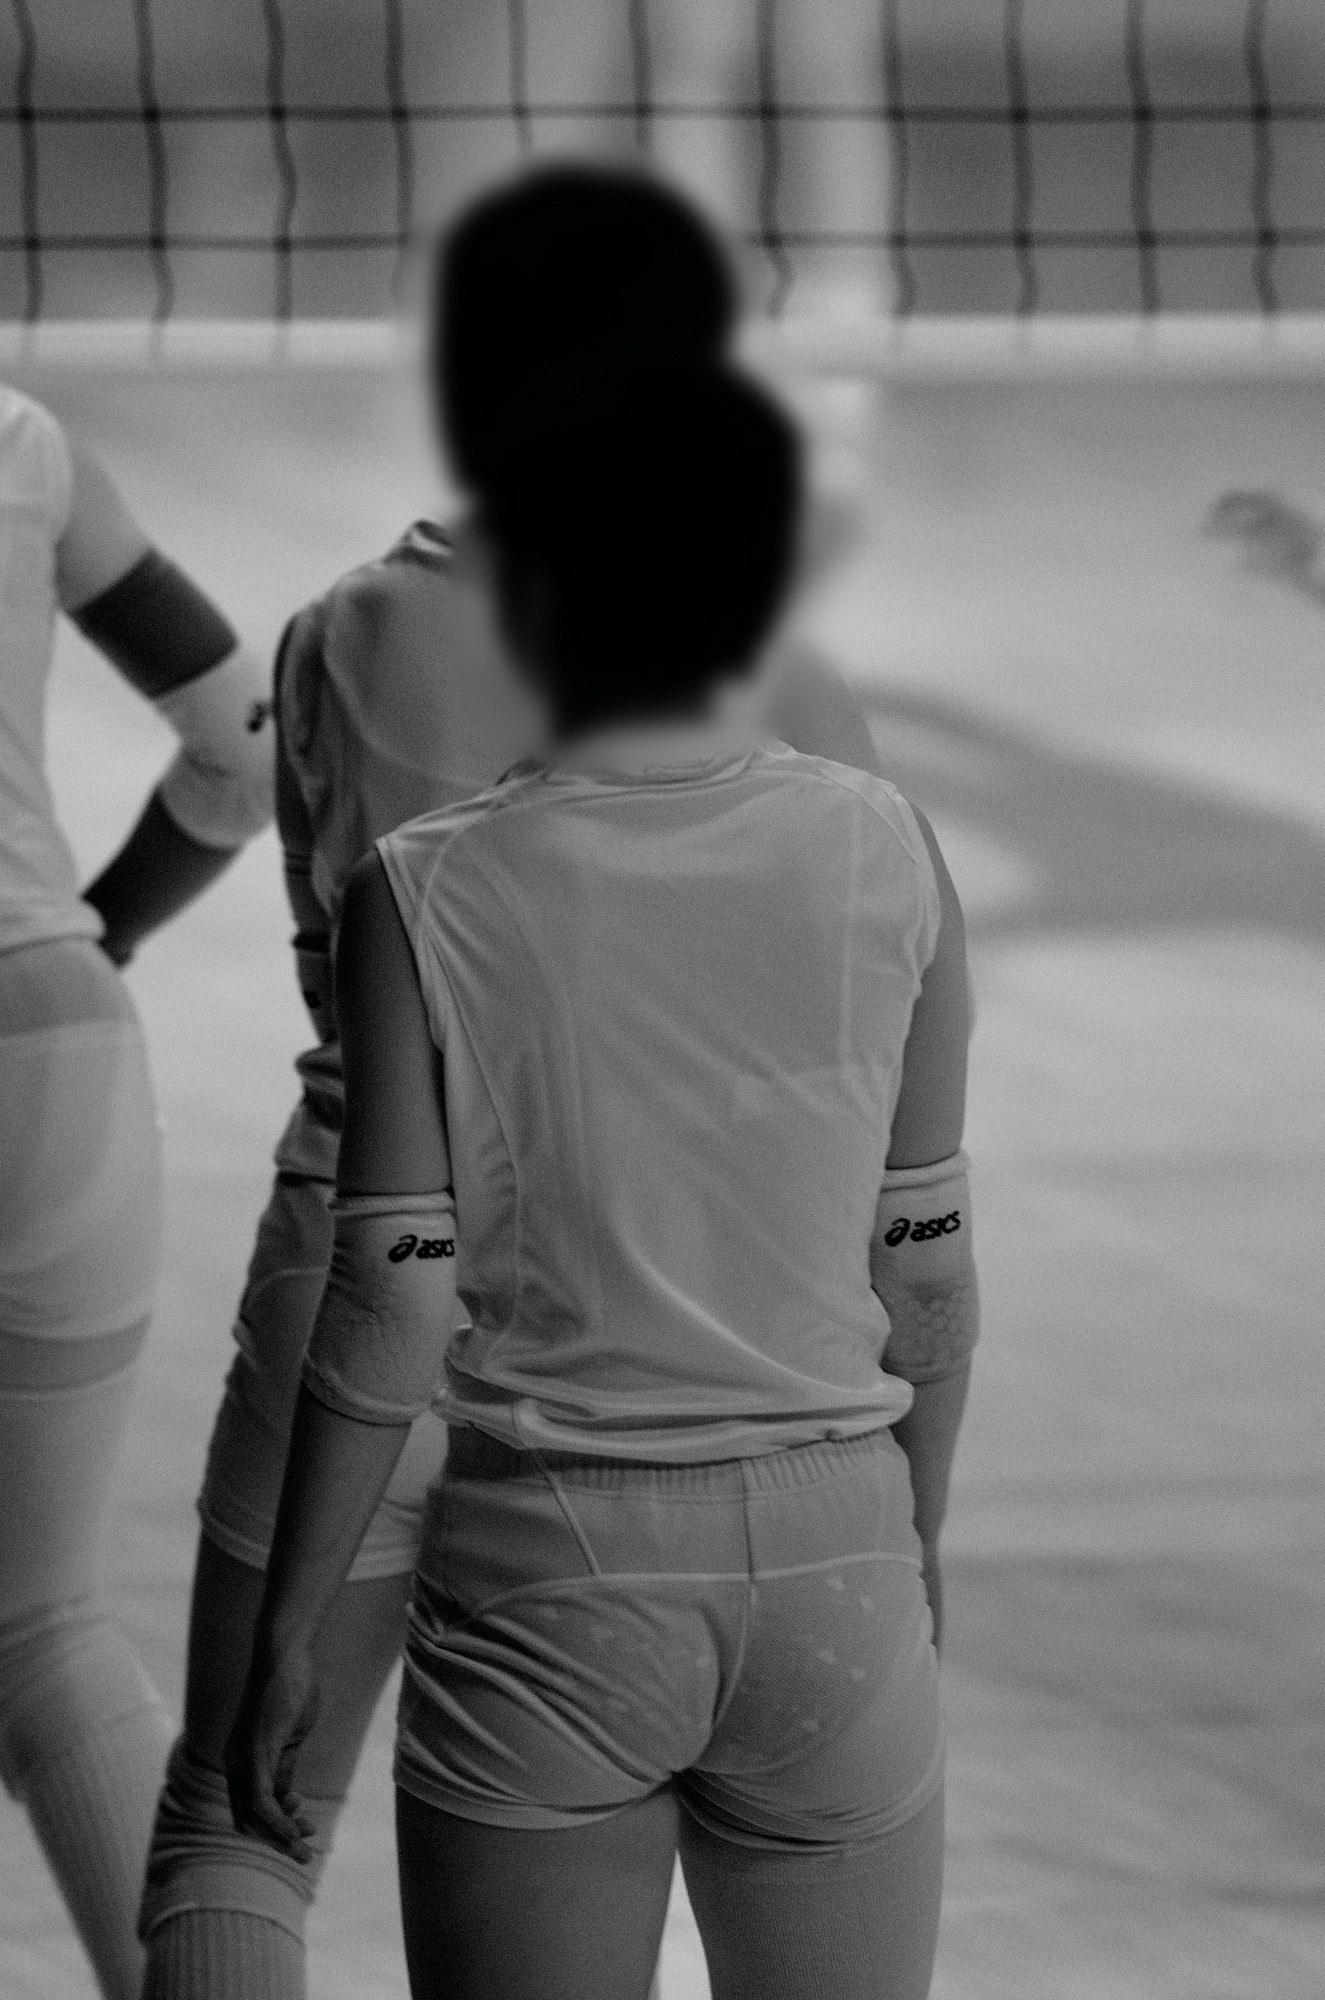 赤外線カメラ半端ない!!女子バレー選手のパンツとブラが透けまくってるスポーツ系エロ画像 3614